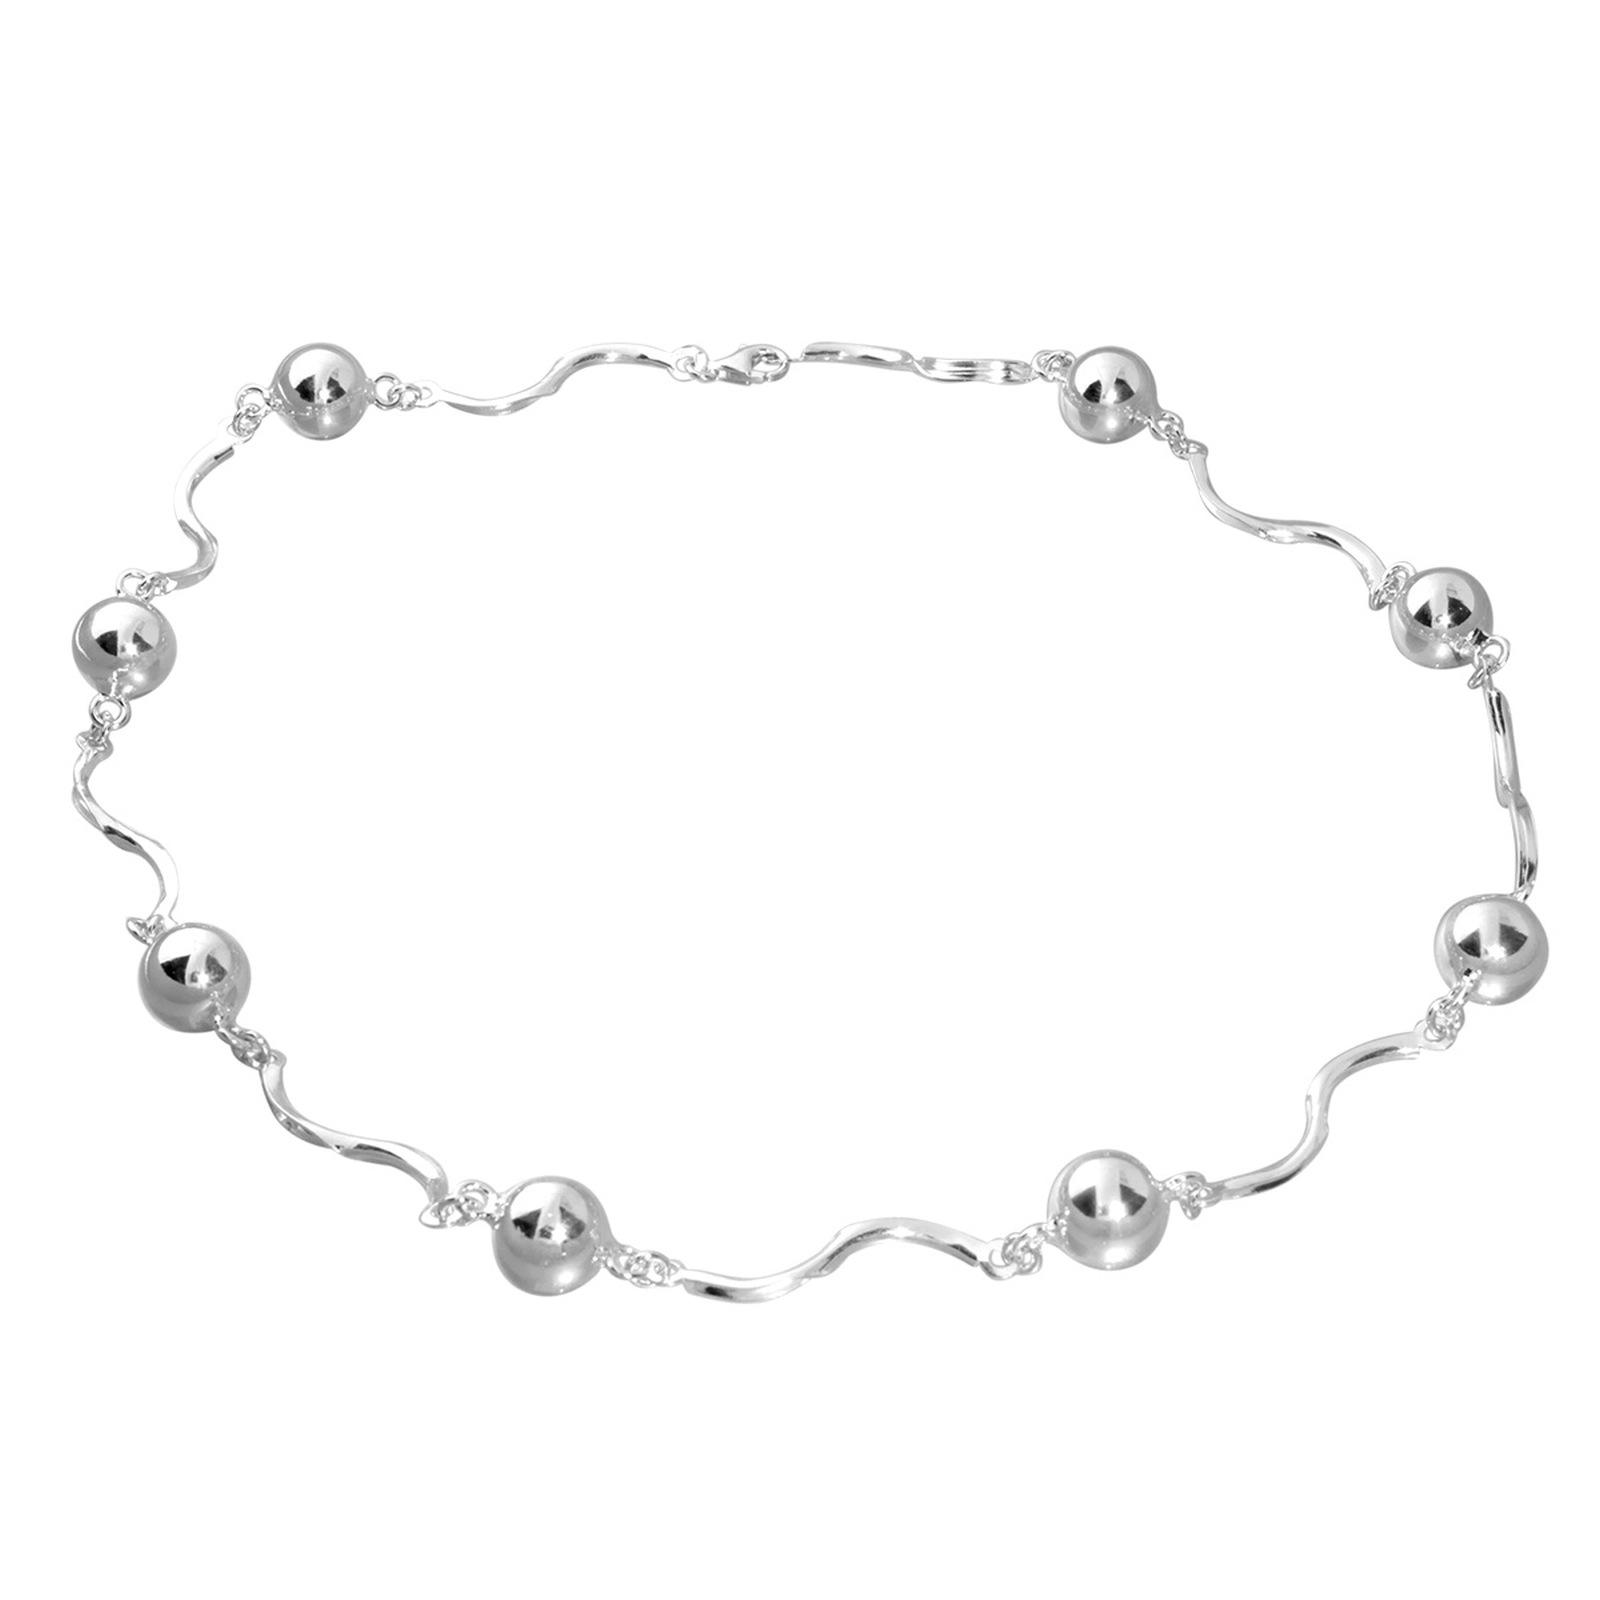 OSTSEE-SCHMUCK Gliederkette Livs Silber 925/000   Schmuck > Halsketten > Gliederketten   Ostsee-Schmuck